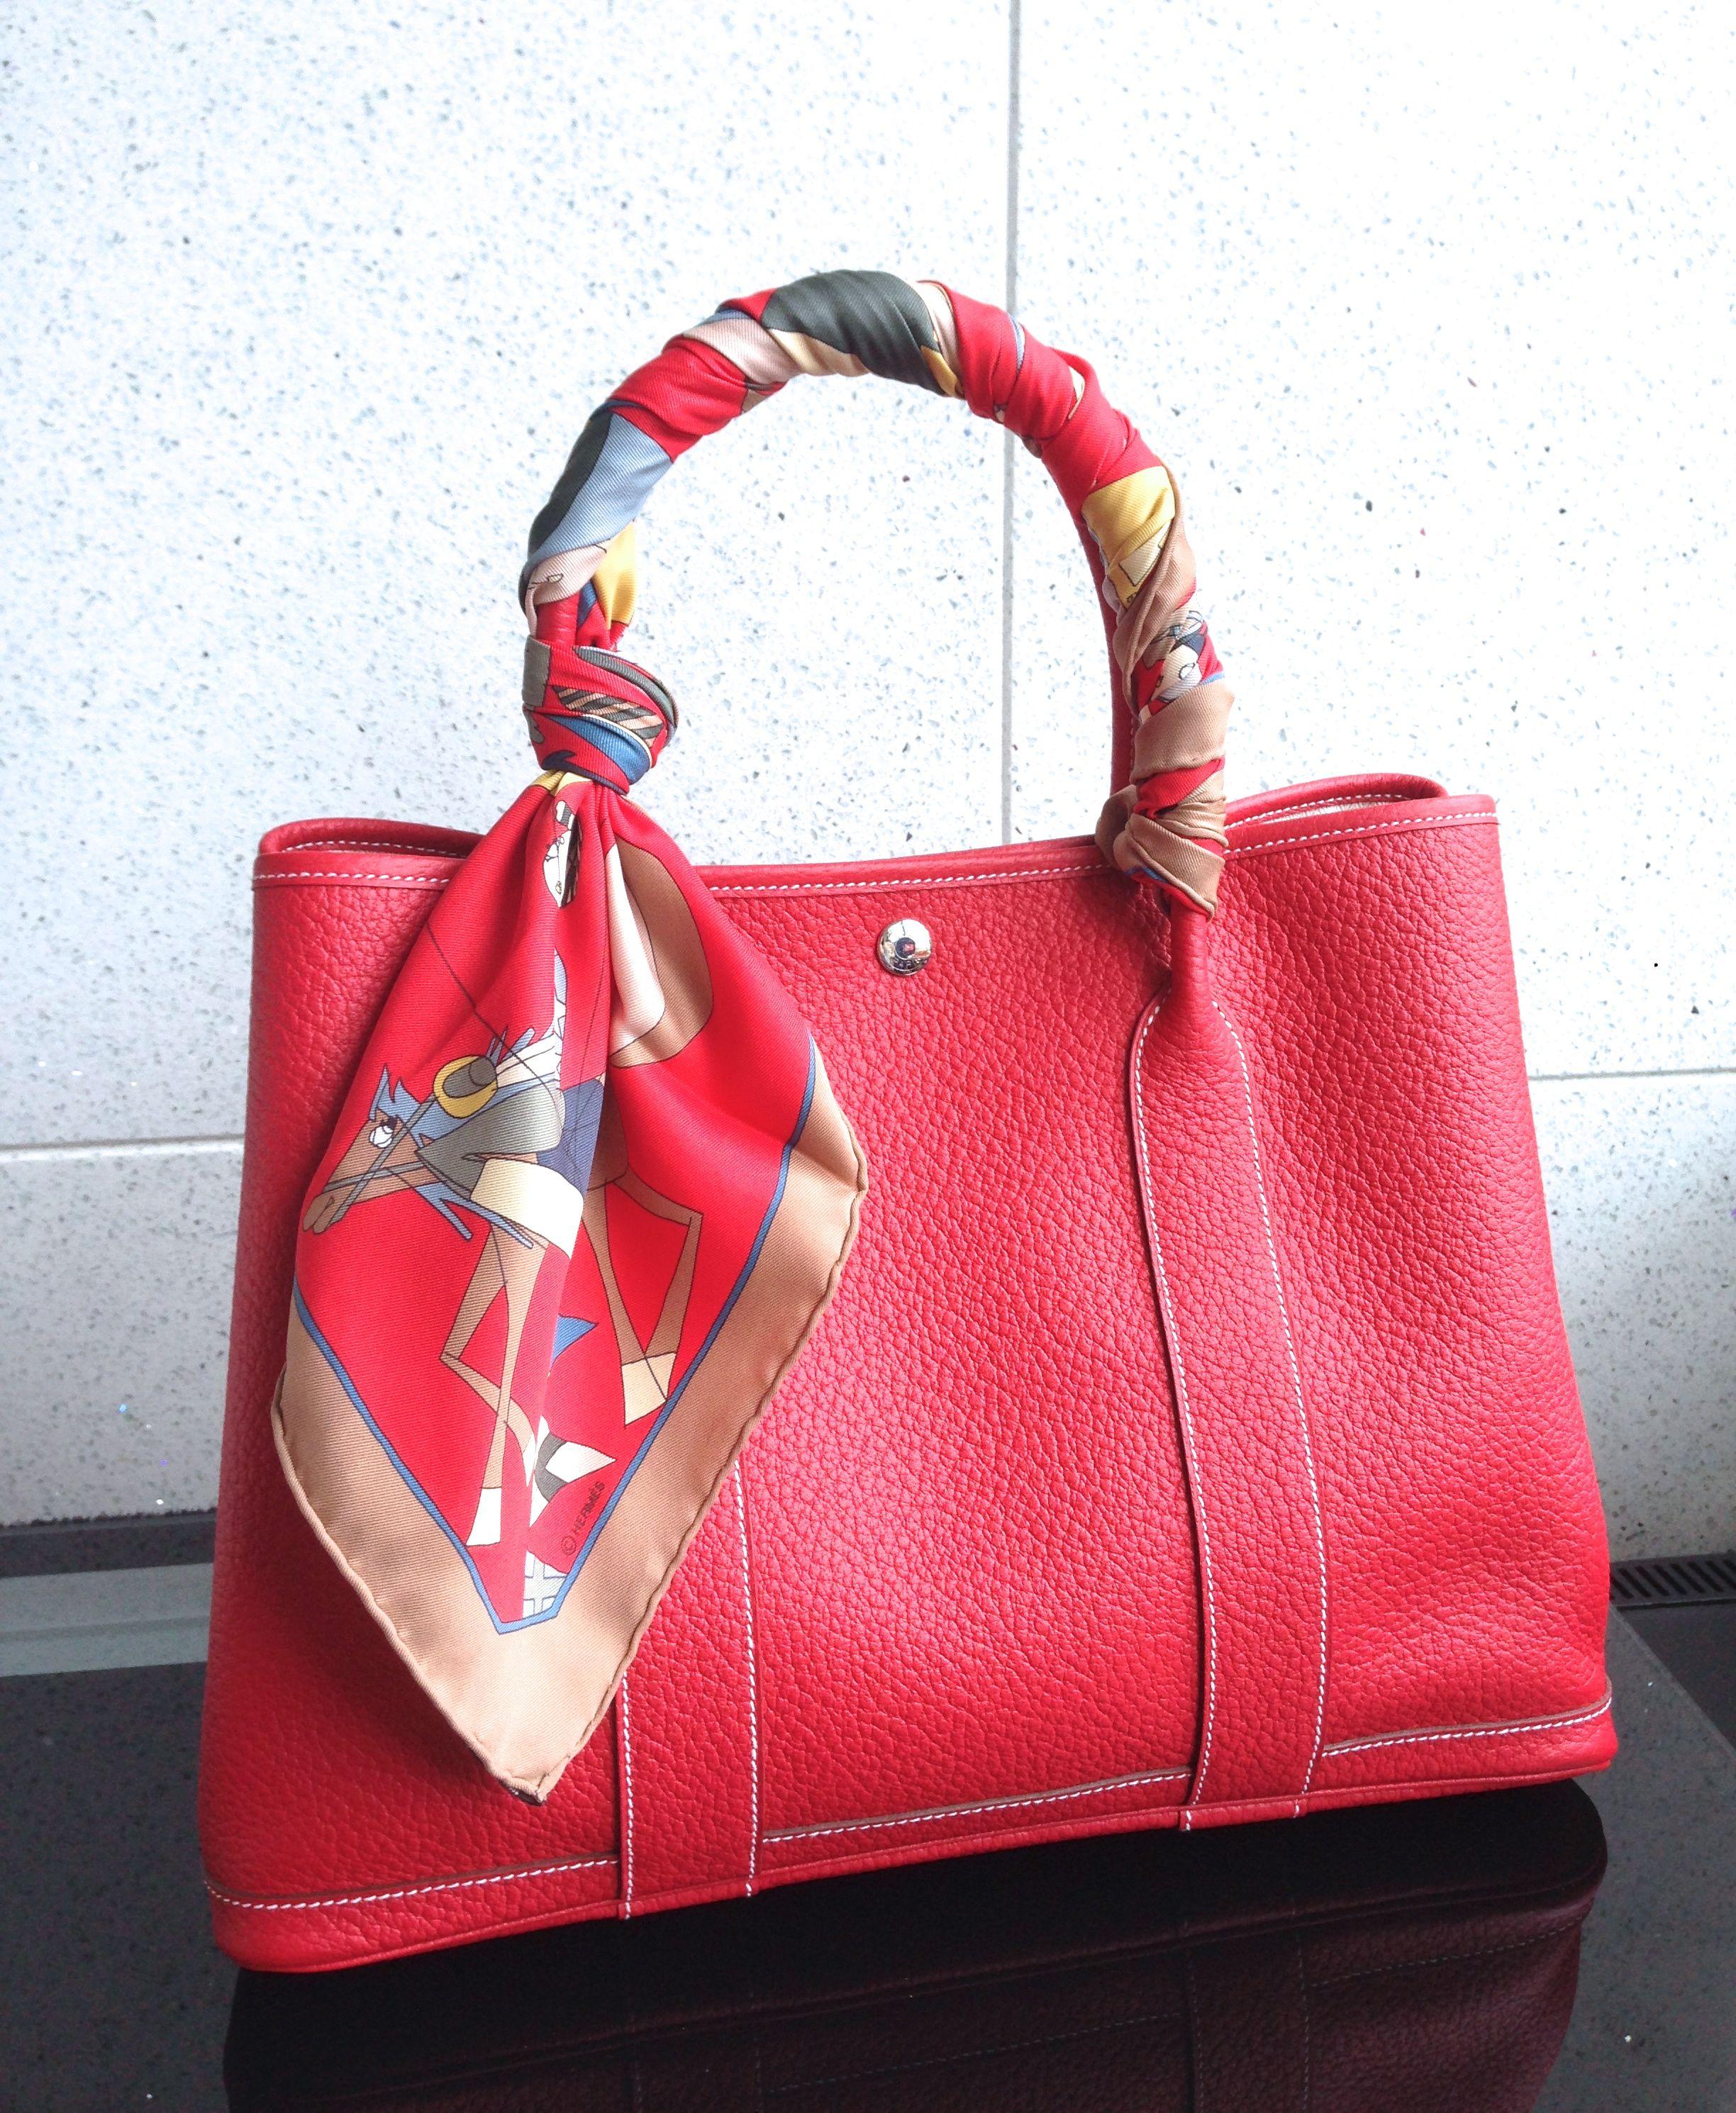 e10b8ca4d6d Hermes Garden Party 36 紅色 (Rogue Casque)